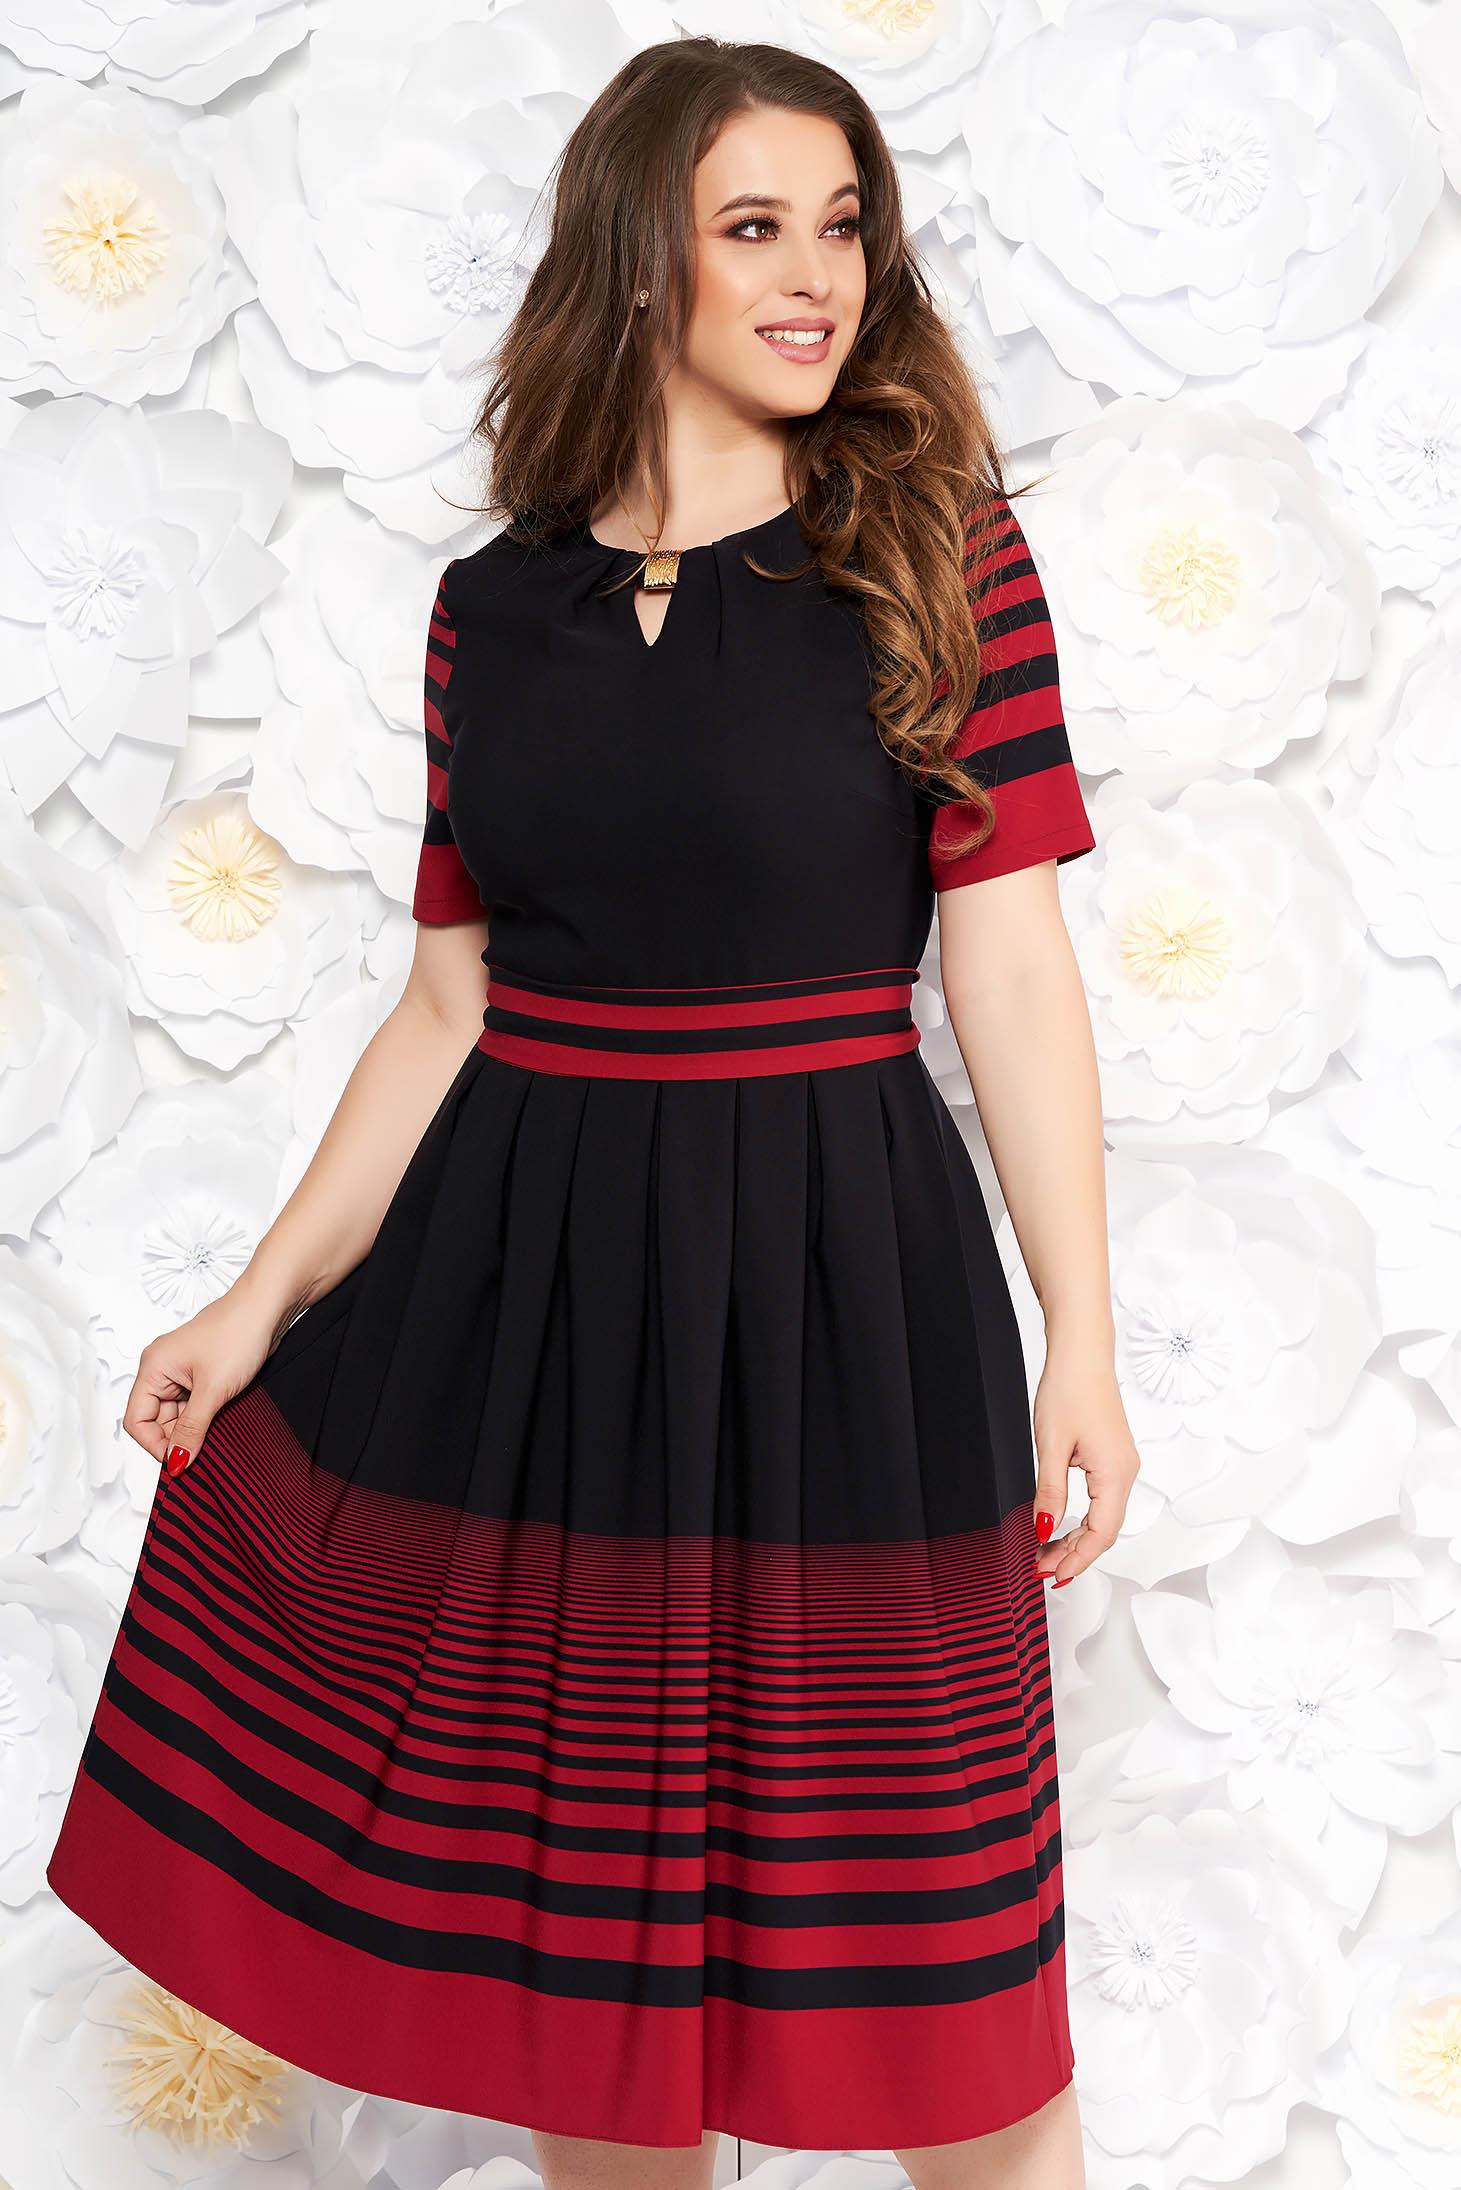 Fekete hétköznapi midi harang ruha vékony anyag rugalmas anyag övvel ellátva